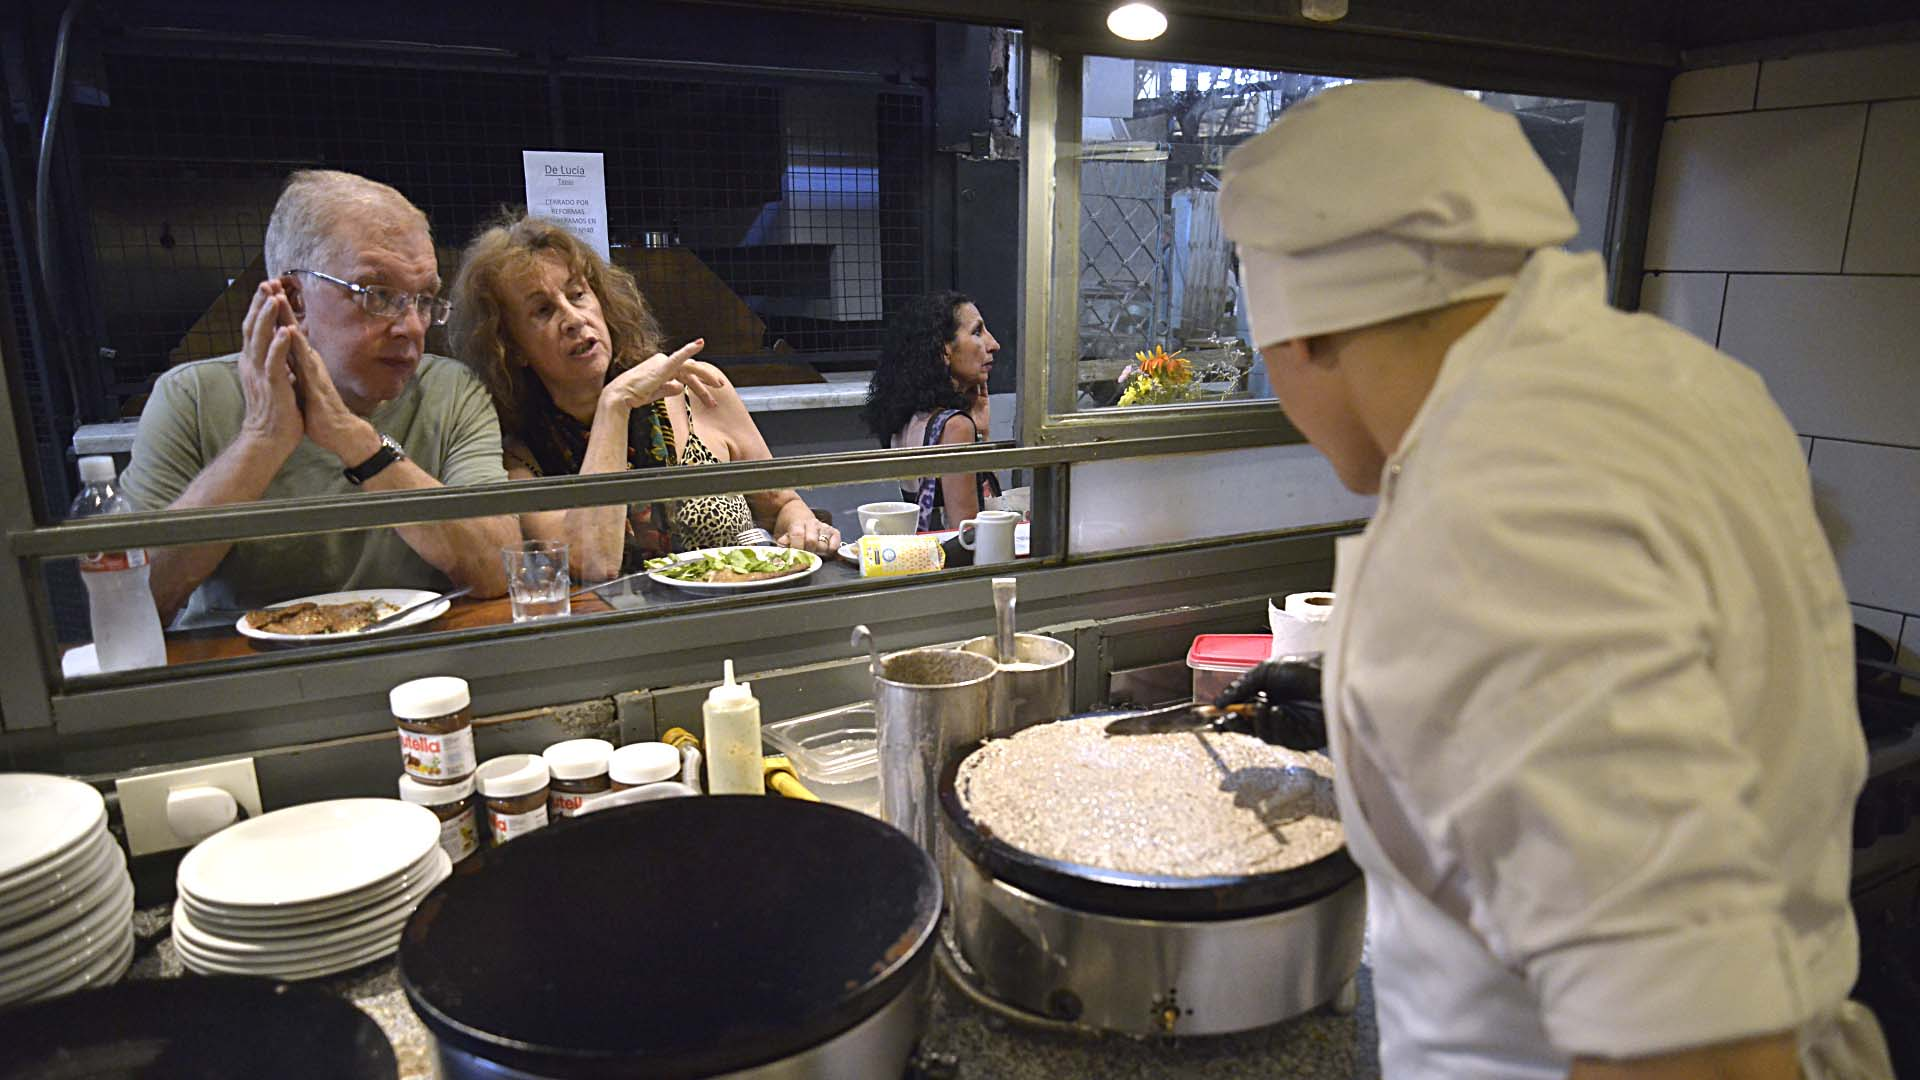 La propuesta despertó el interés de una gran cantidad de turistas, que se acercaron a degustar los deliciosos crêpes del Mercado de San Telmo